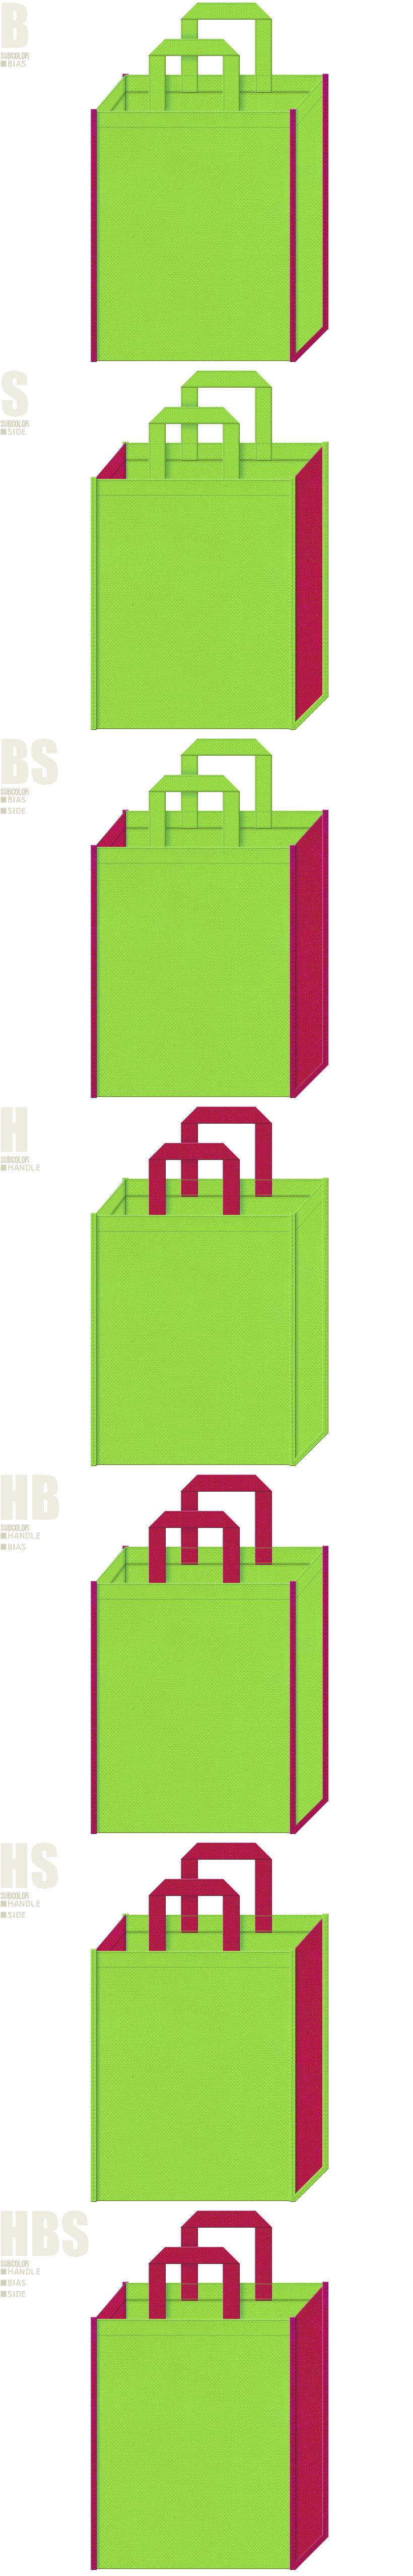 南国・カクテル・リゾート・トロピカルな展示会用バッグにお奨めの不織布バッグデザイン:黄緑色と濃いピンク色の不織布バッグ配色7パターン。